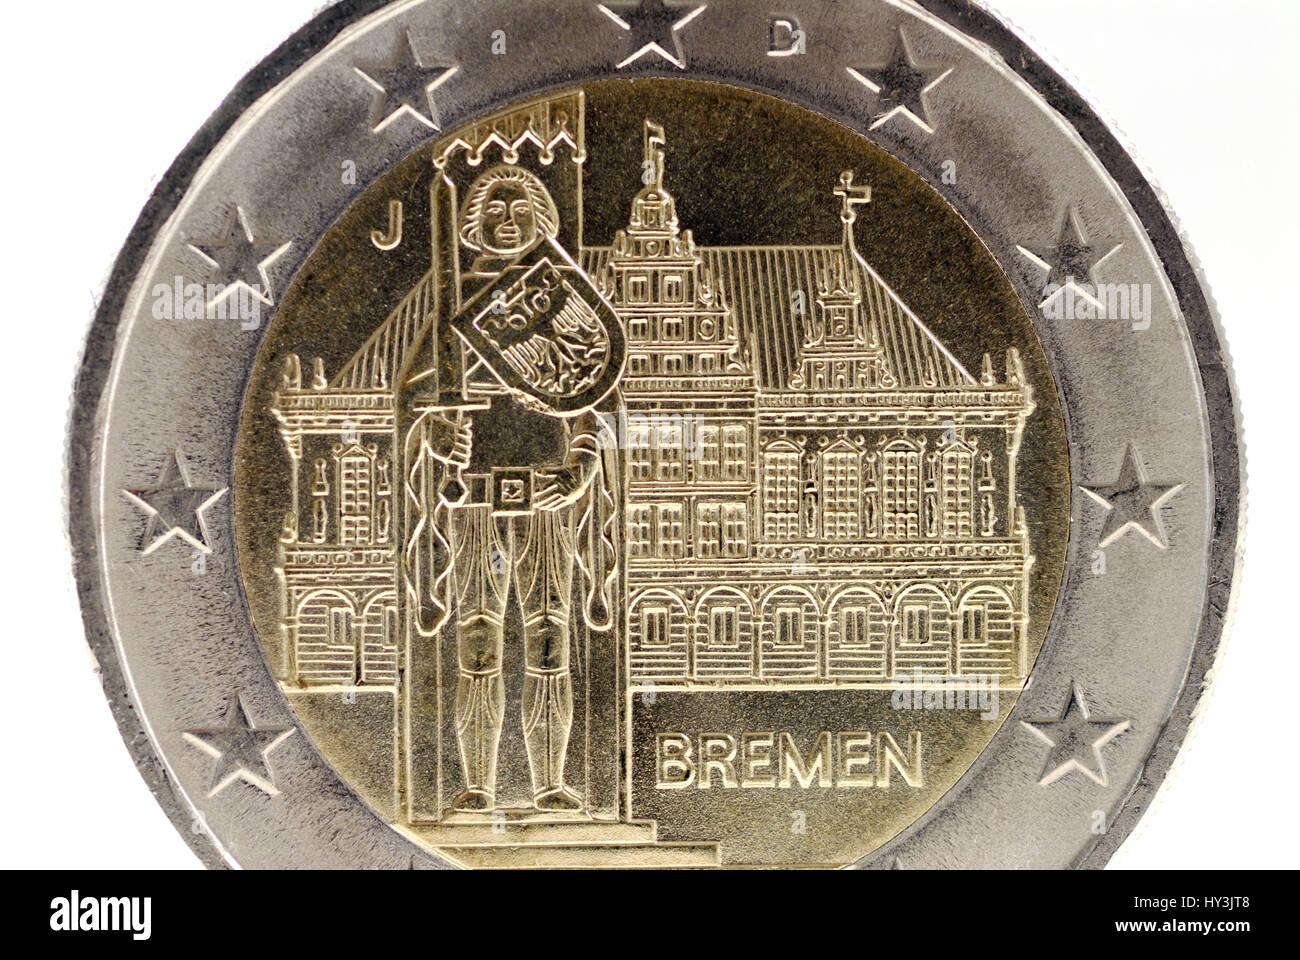 Stadt Bremen Auf Der Rückseite Eine Euro Münze Zwei Stadt Bremen